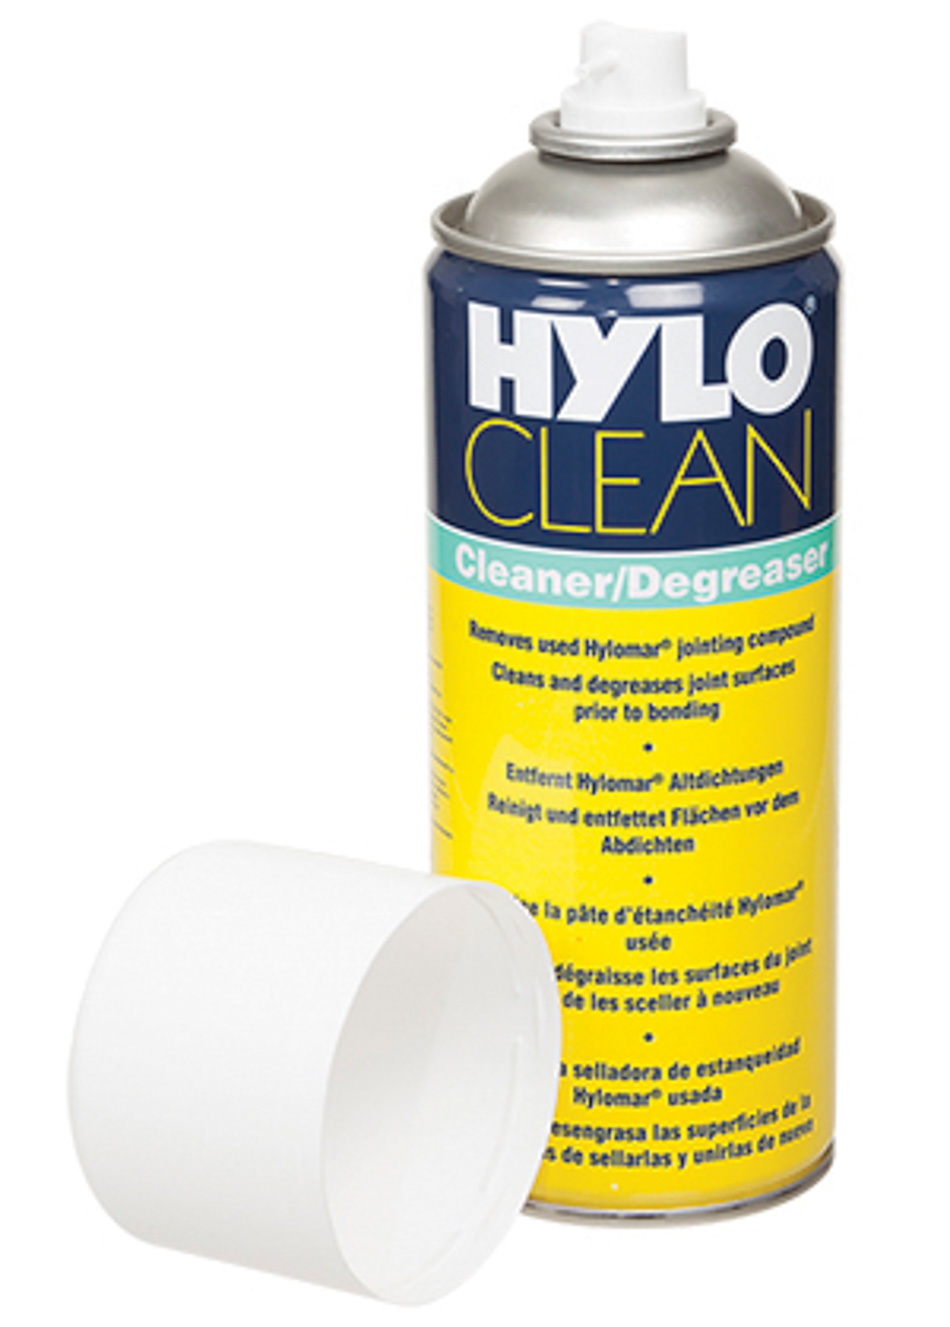 Hylomar Cleaner 13.53oz Spray Can